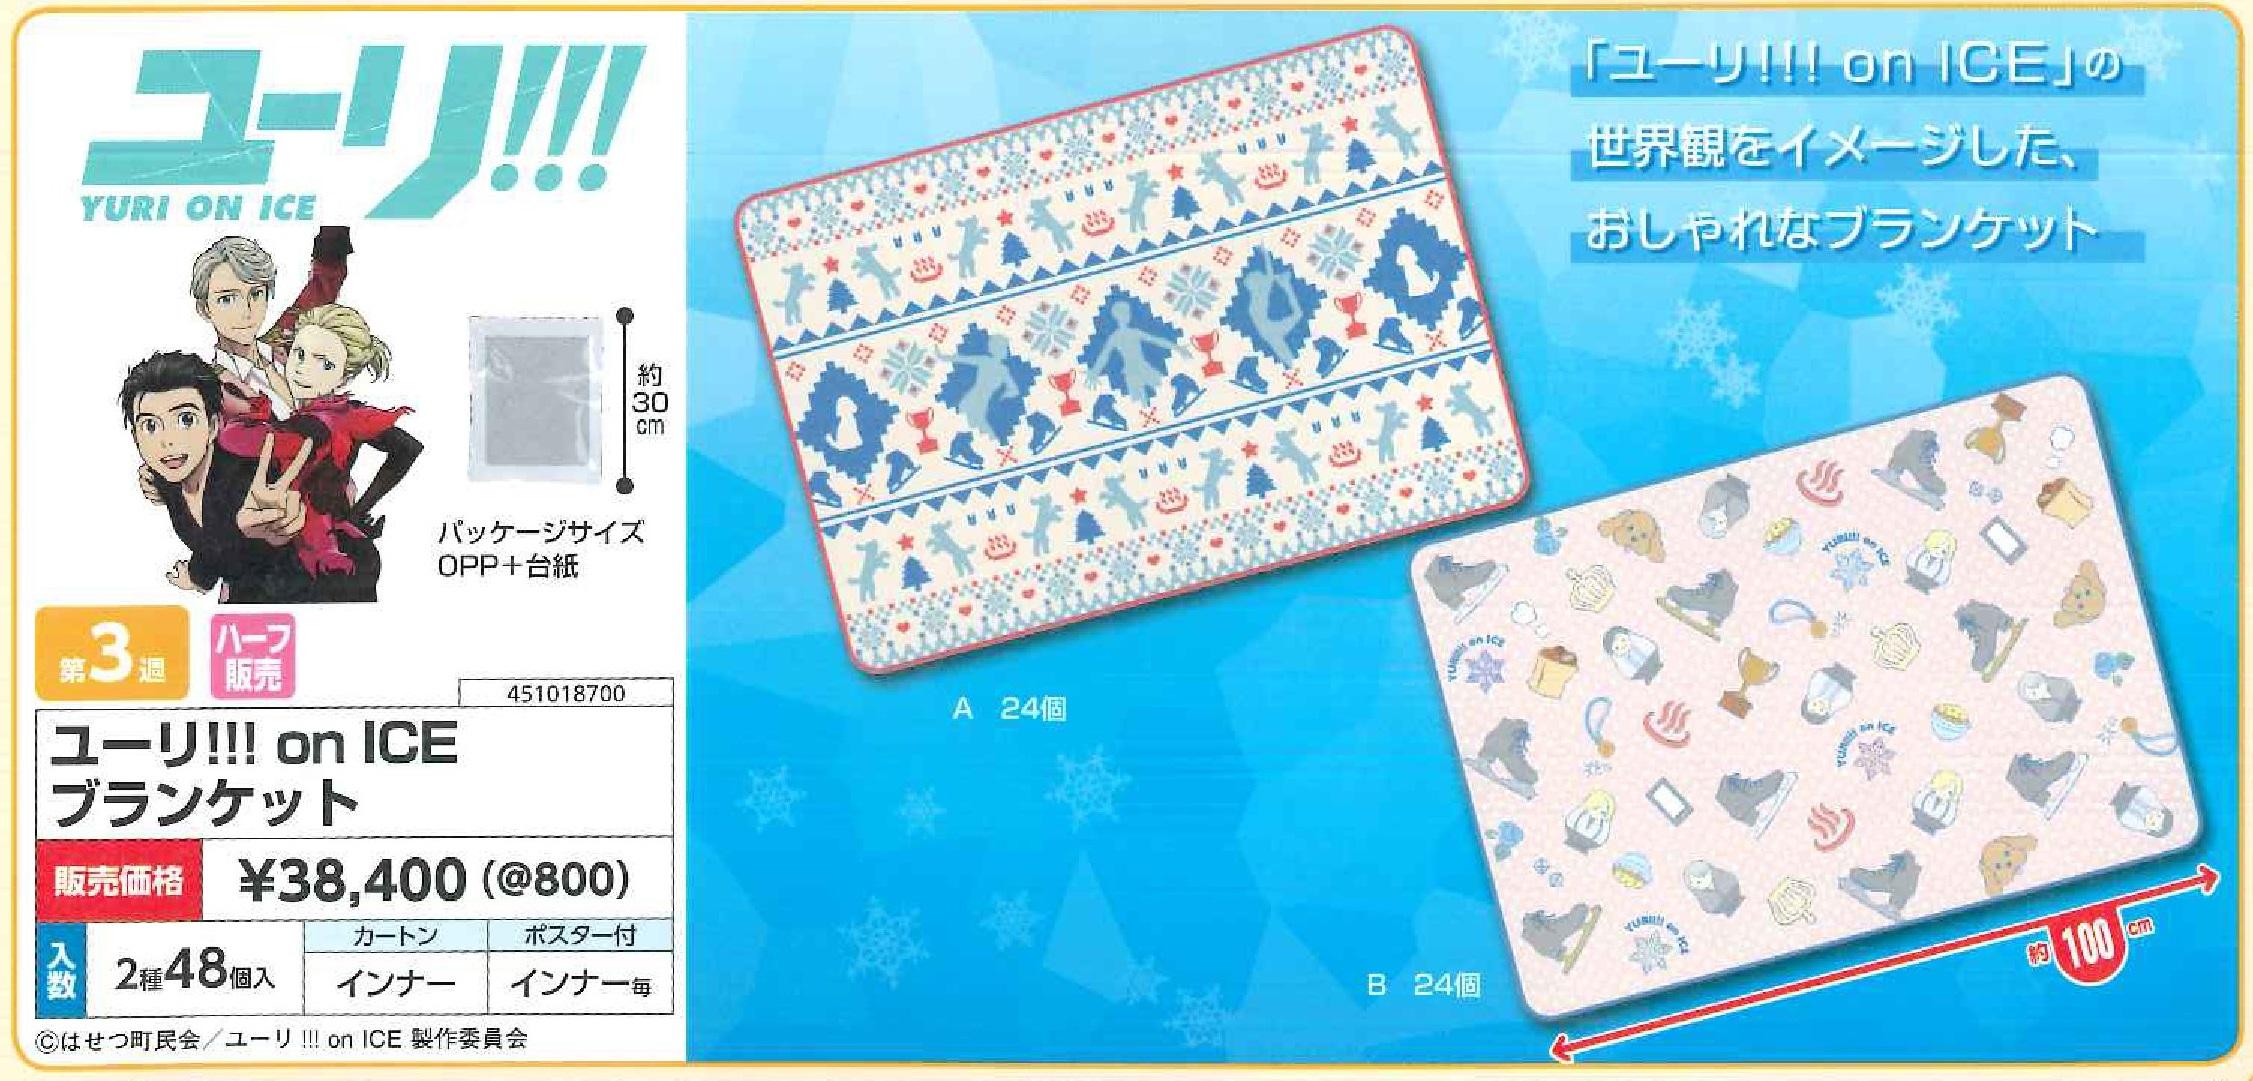 【B】景品 冰上的尤里 小毯子 全2种(1套1箱48个)018700